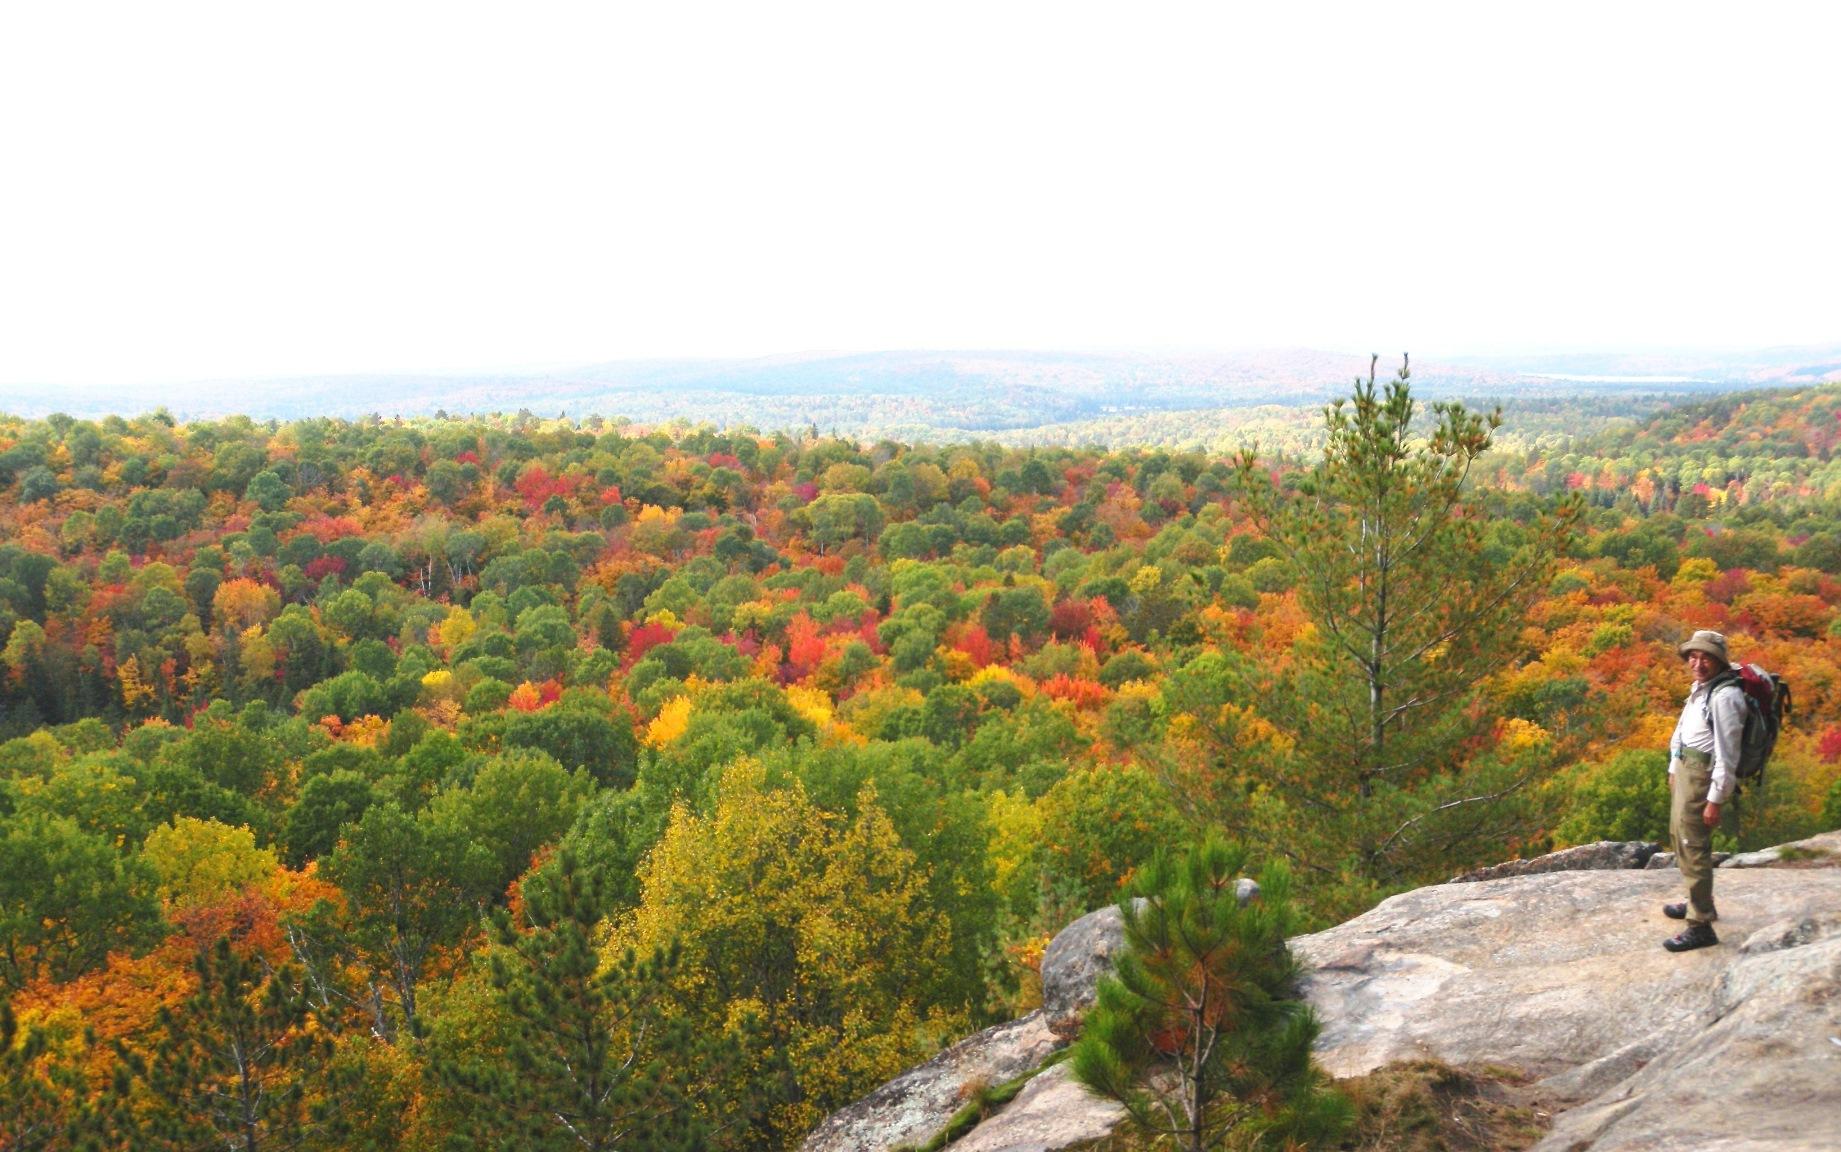 静寂に包まれたハイキングコースでアルゴンキンの紅葉を堪能する